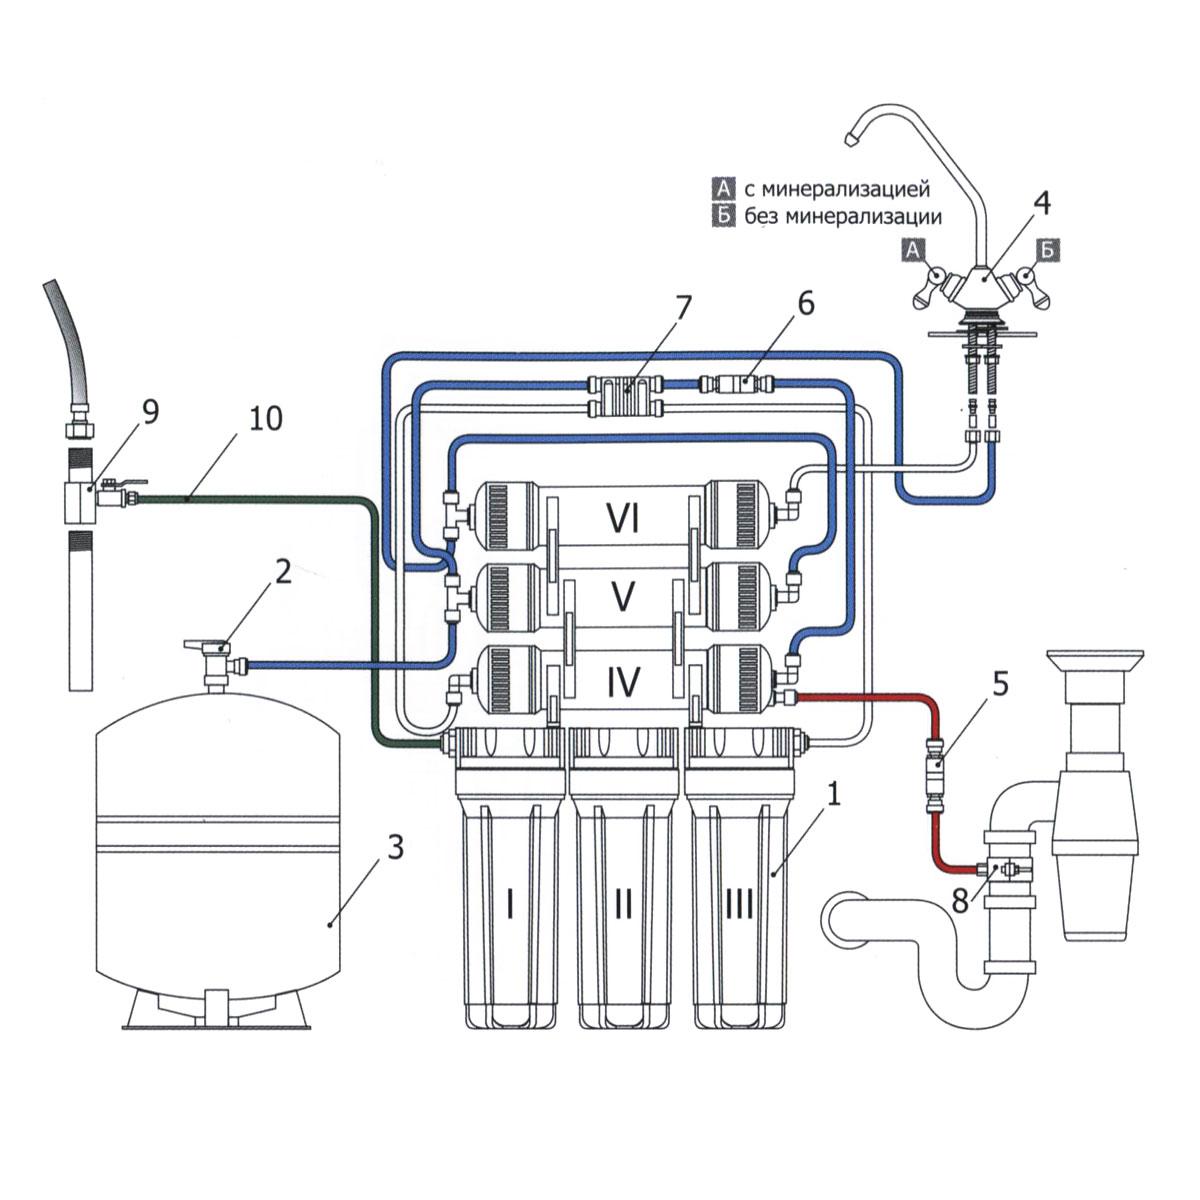 """Система обратного осмоса Гейзер """"Престиж М"""" применяется многоступенчатая схема очистки и кондиционирования воды методом обратного осмоса.    Вода, очищенная фильтром Гейзер Престиж, близка по своим свойствам к талой воде древних ледников, которая признается наиболее экологически чистой и полезной для человека.   Технология обратного осмоса, использованная в фильтре Гейзер Престиж, заключается в фильтровании воды через полупроницаемую мембрану. Размеры пор мембраны настолько малы, что пропускают только молекулы воды. Размер молекул большинства примесей, а также бактерий и вирусов значительно больше молекул воды, поэтому они не проходят через мембрану. Система работает при давлении в подводящей магистрали не менее 3 атм. Так же в системе установлен минерализатор который дозирует в воду необходимые соли жесткости.  Мембранные системы, использующие обратный осмос, получили широкое распространение в качестве систем очистки, благодаря возможности очищать воду при сверхвысоких показателях жесткости воды – более 10 мг-экв/л. На такой воде ресурс обычных ионообменных материалов по умягчению воды исчерпывается очень быстро, что приводит к частым их регенерациям.   По эффективности очистки обратный осмос не имеет себе равных. Бытовые фильтры, использующие этот способ очистки, удаляют практически все известные загрязнения. Обратноосмотическая мембрана разделяет приходящую на нее воду на чистую воду и поток концентрированных примесей, уходящий в дренаж. Это достигается за счет того, что поры обратноосмотической мембраны имеют размер молекулы воды, а все примеси гораздо больше.   В система очистки воды Гейзер Престиж использует самые современные мембраны фирмы Desal с увеличенным ресурсом. Это самая последняя разработка с дополнительным защитным слоем, что позволяет существенно снизить губительное воздействие на поры мембраны обратного осмоса железа и солей жесткости и тем самым увеличить срок ее службы.   Мембраны обратного осмоса Desal сертифицированы по международному стандарт"""